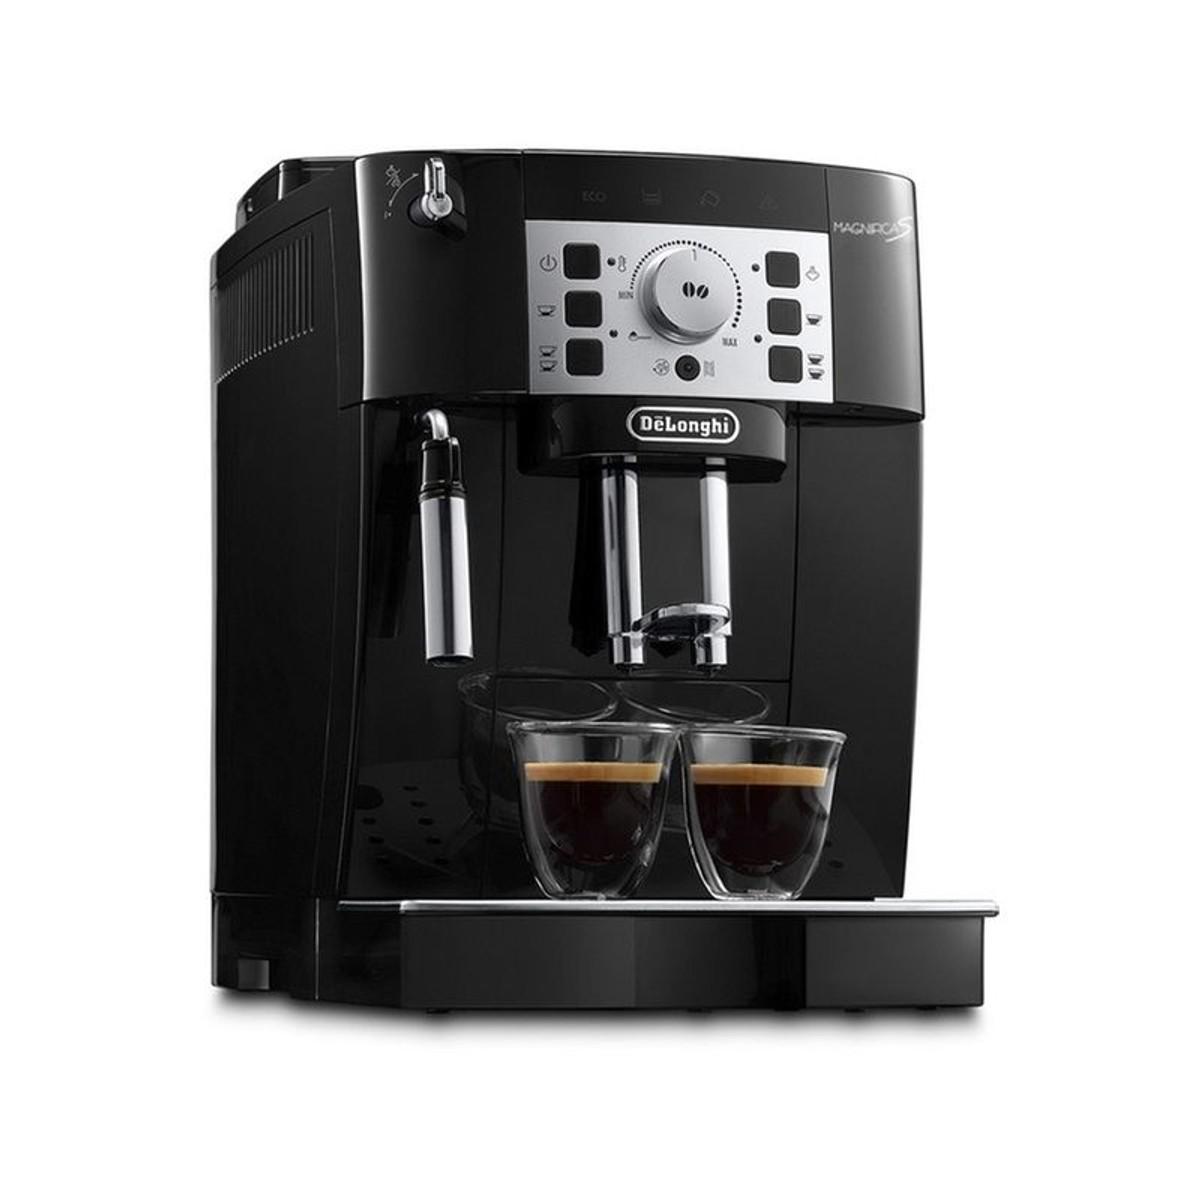 Robot Café Ecam 22.110.b.s11 Magnificas Delonghi Taille